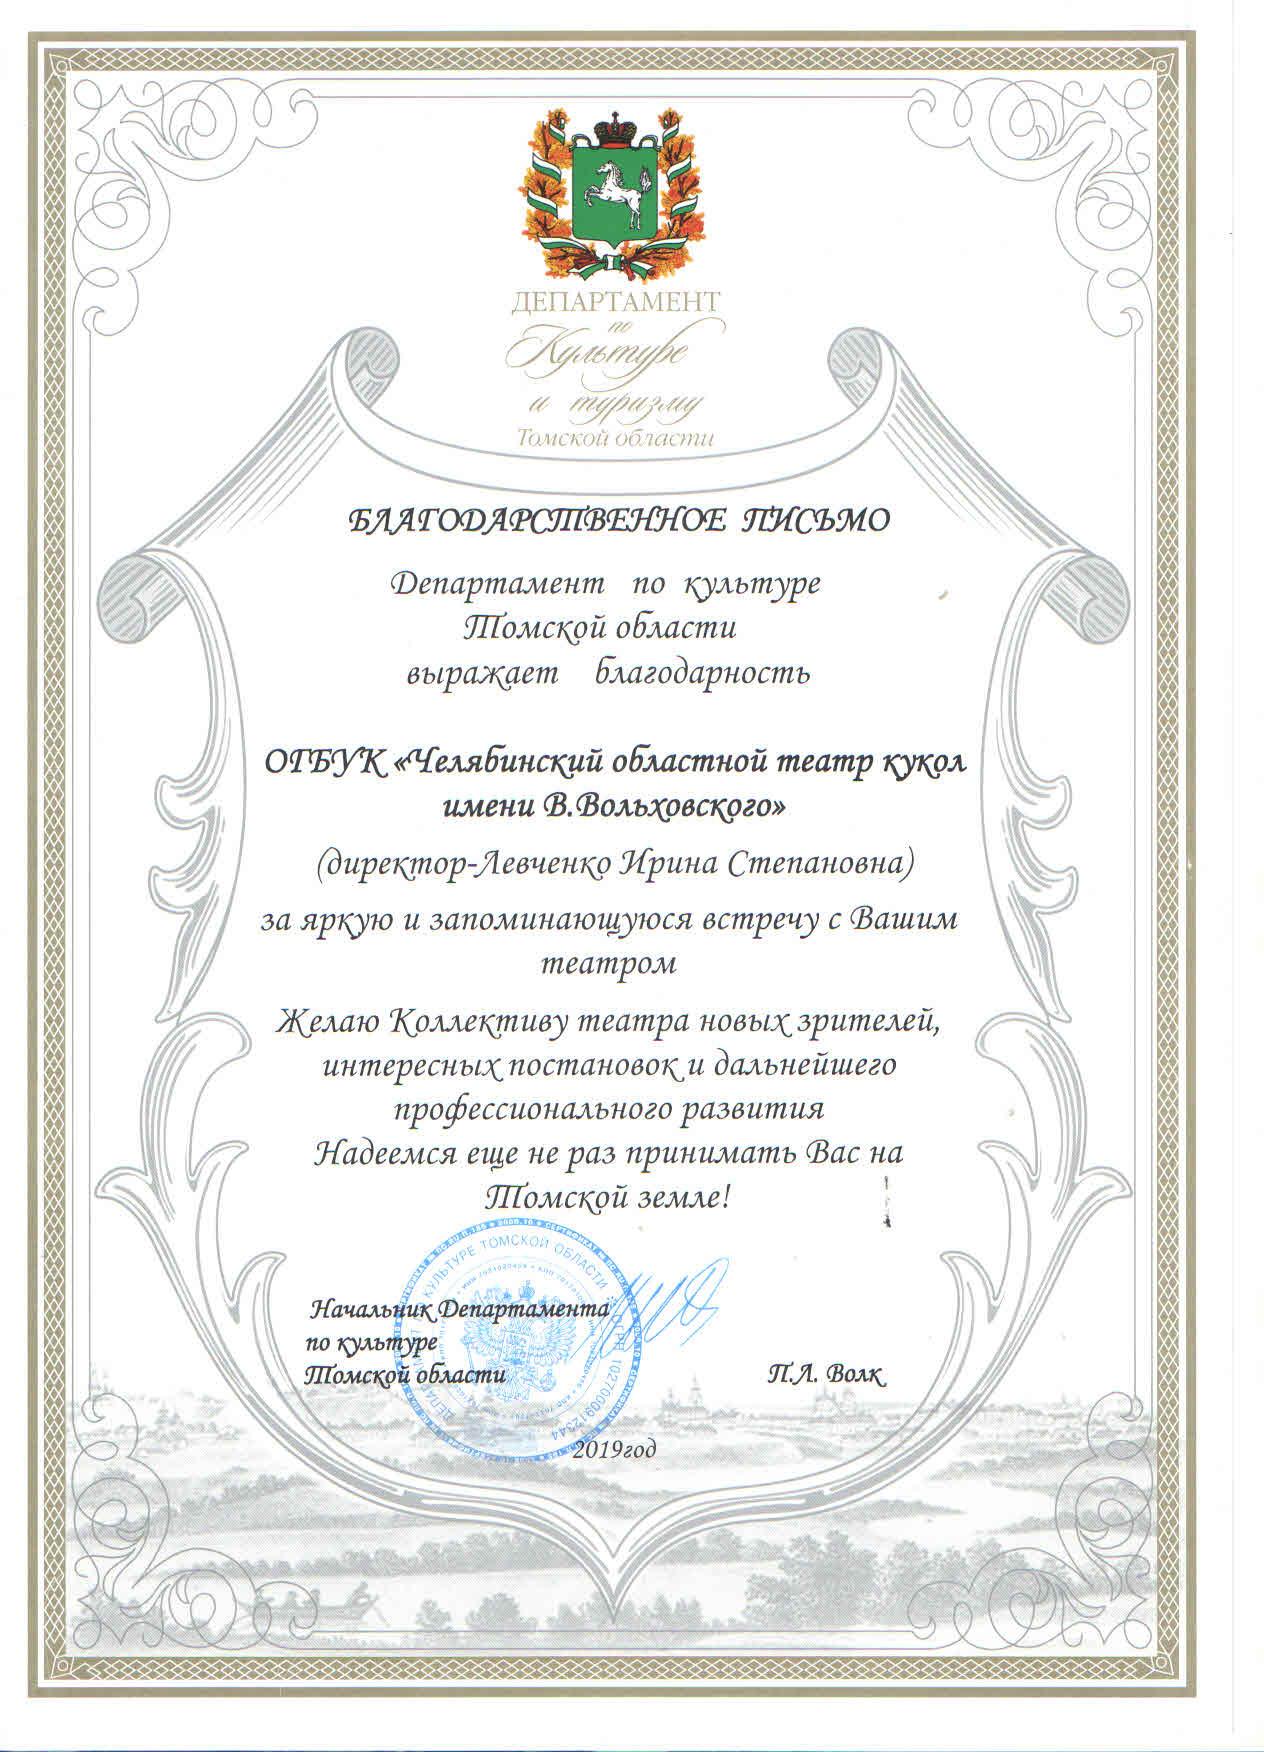 Челябинский театра кукол привез с гастролей благодарственное письмо